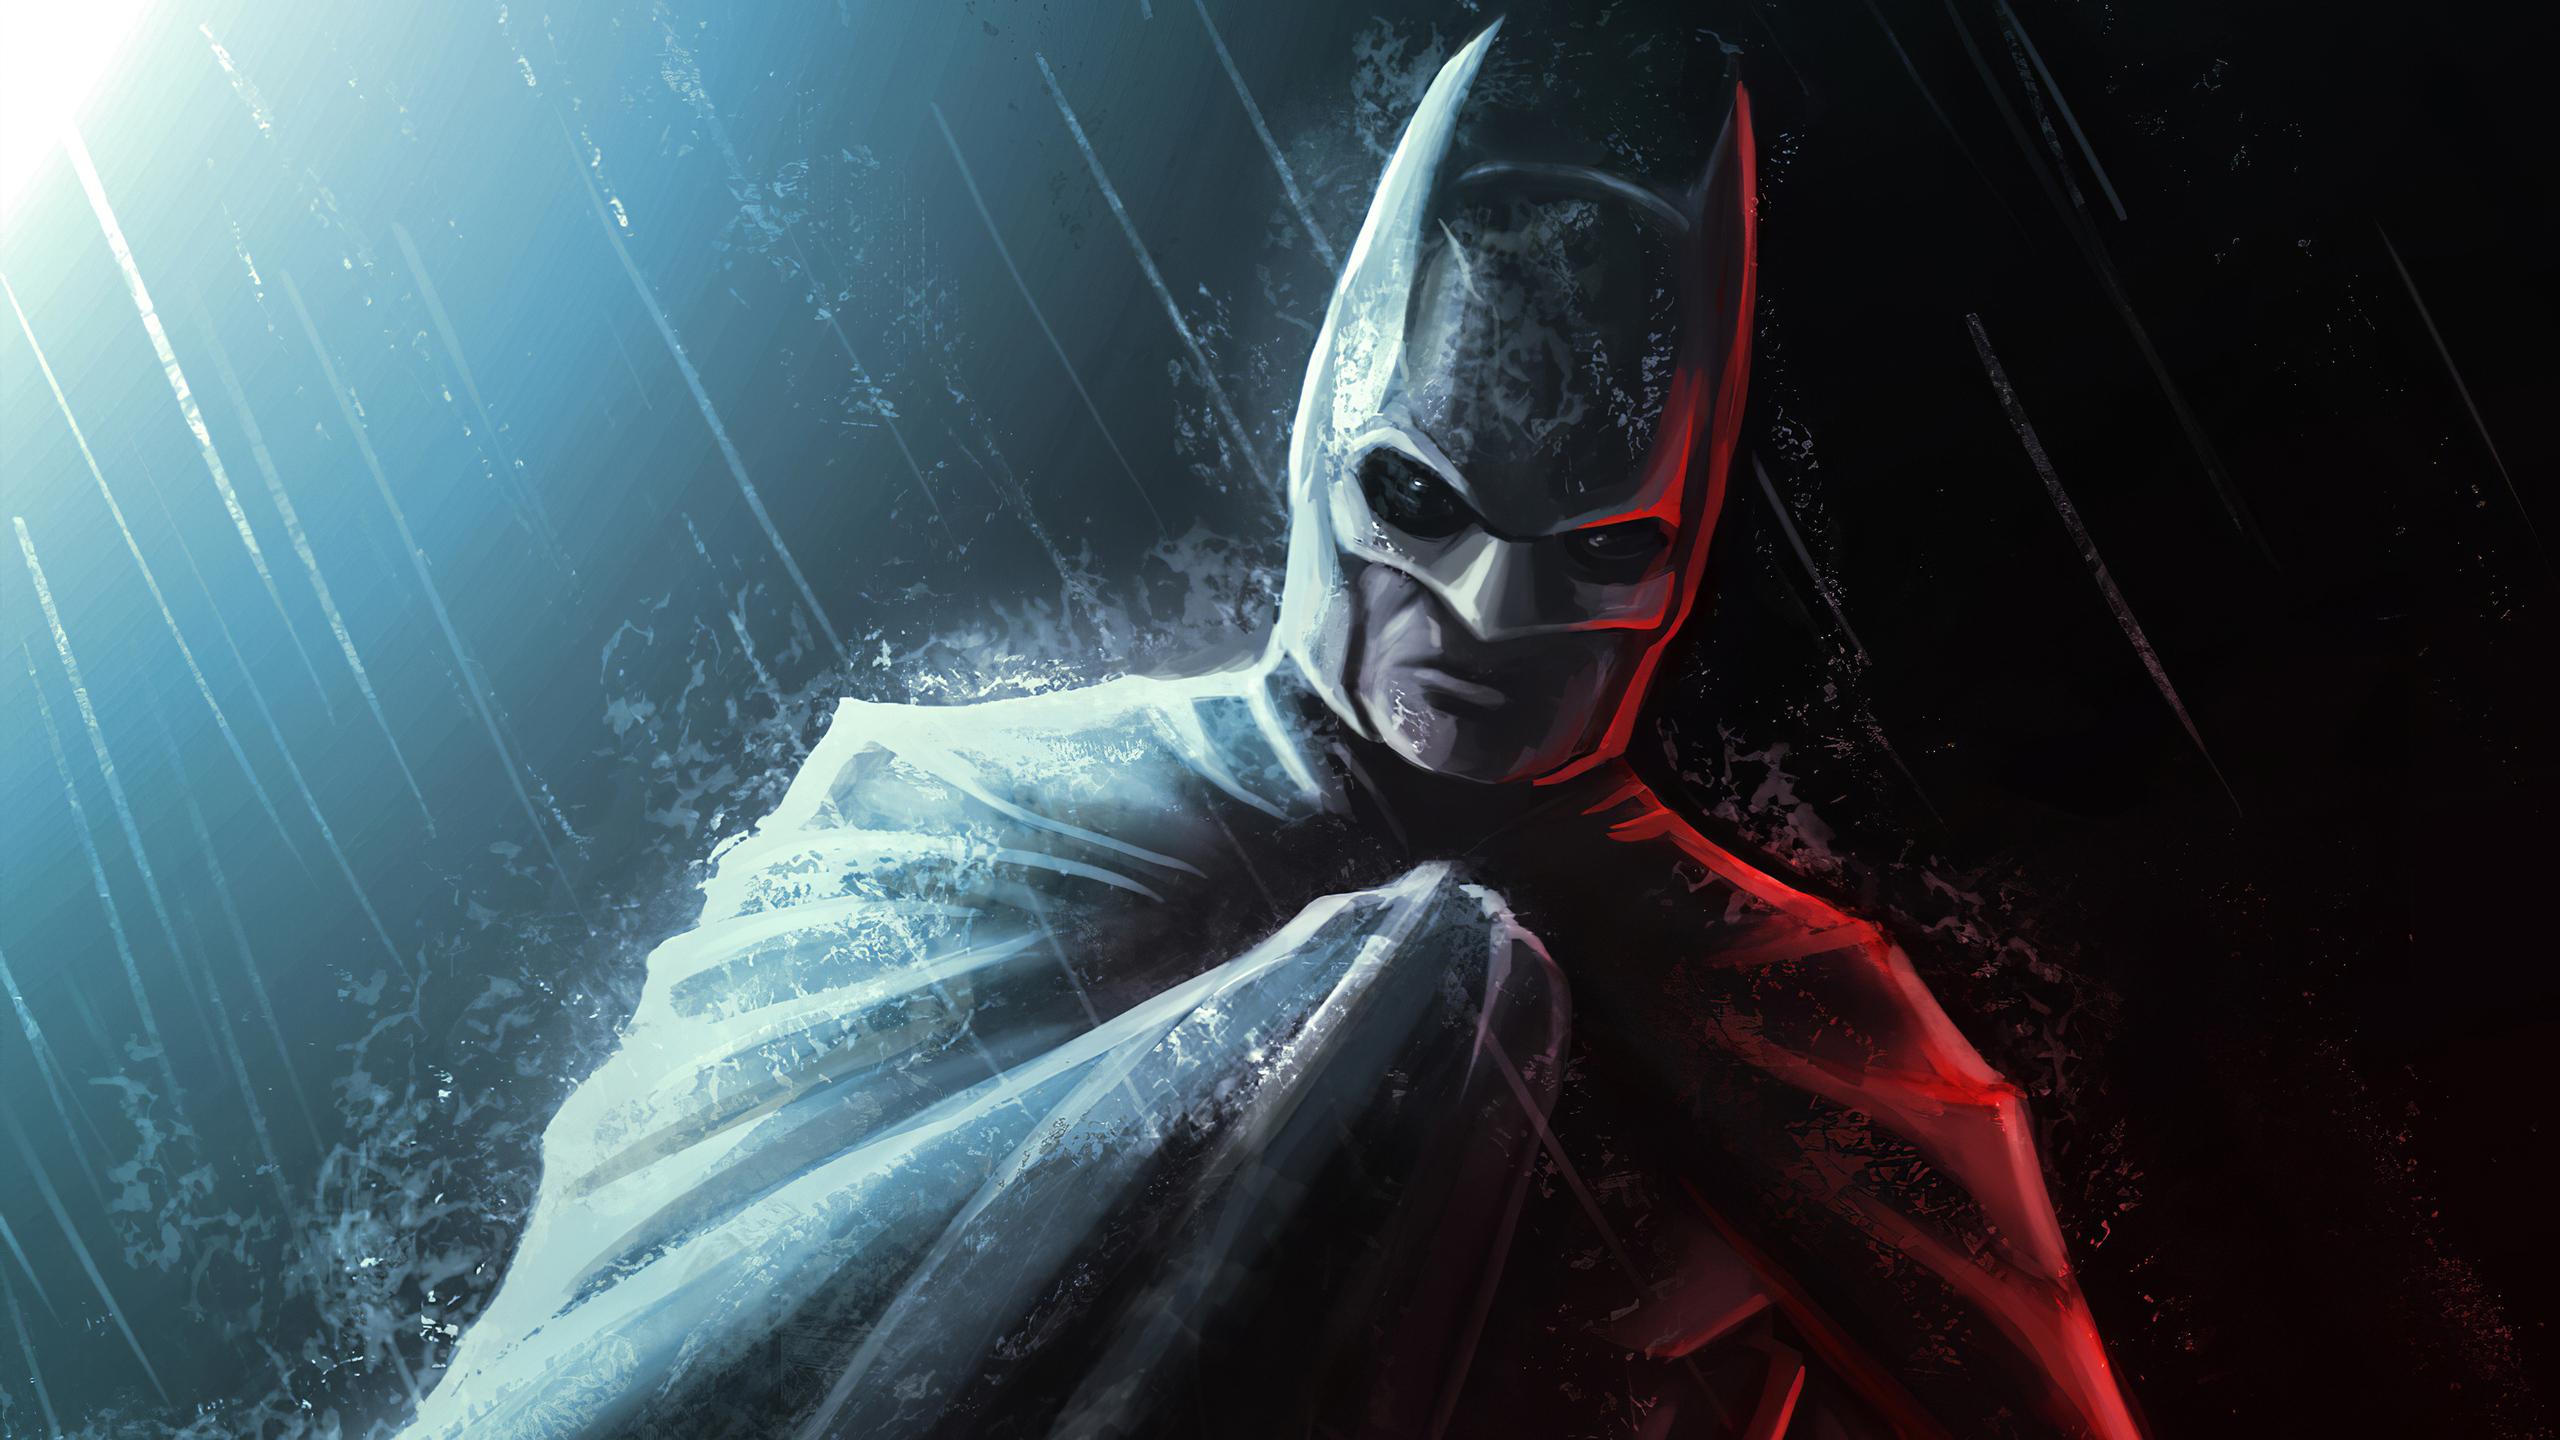 batman-darkness-4k-ls.jpg